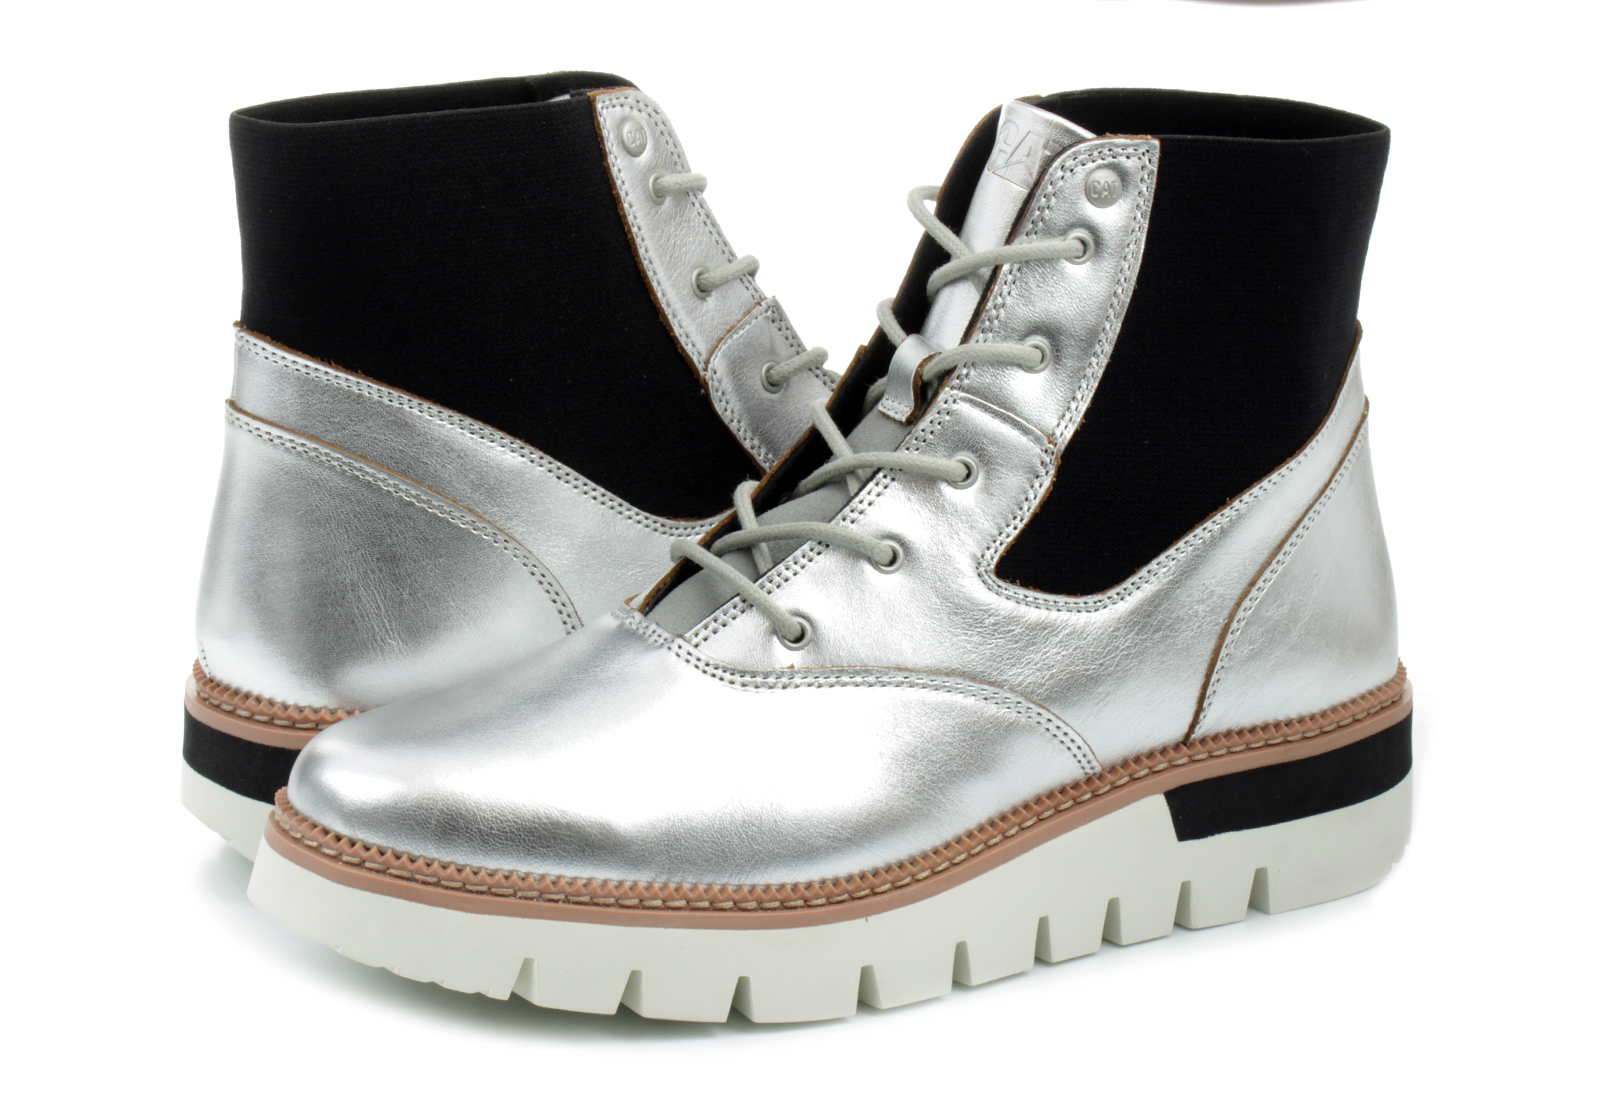 de5a7d5f95 Cat Boots - Knockout - 309895-slv - Online shop for sneakers, shoes ...